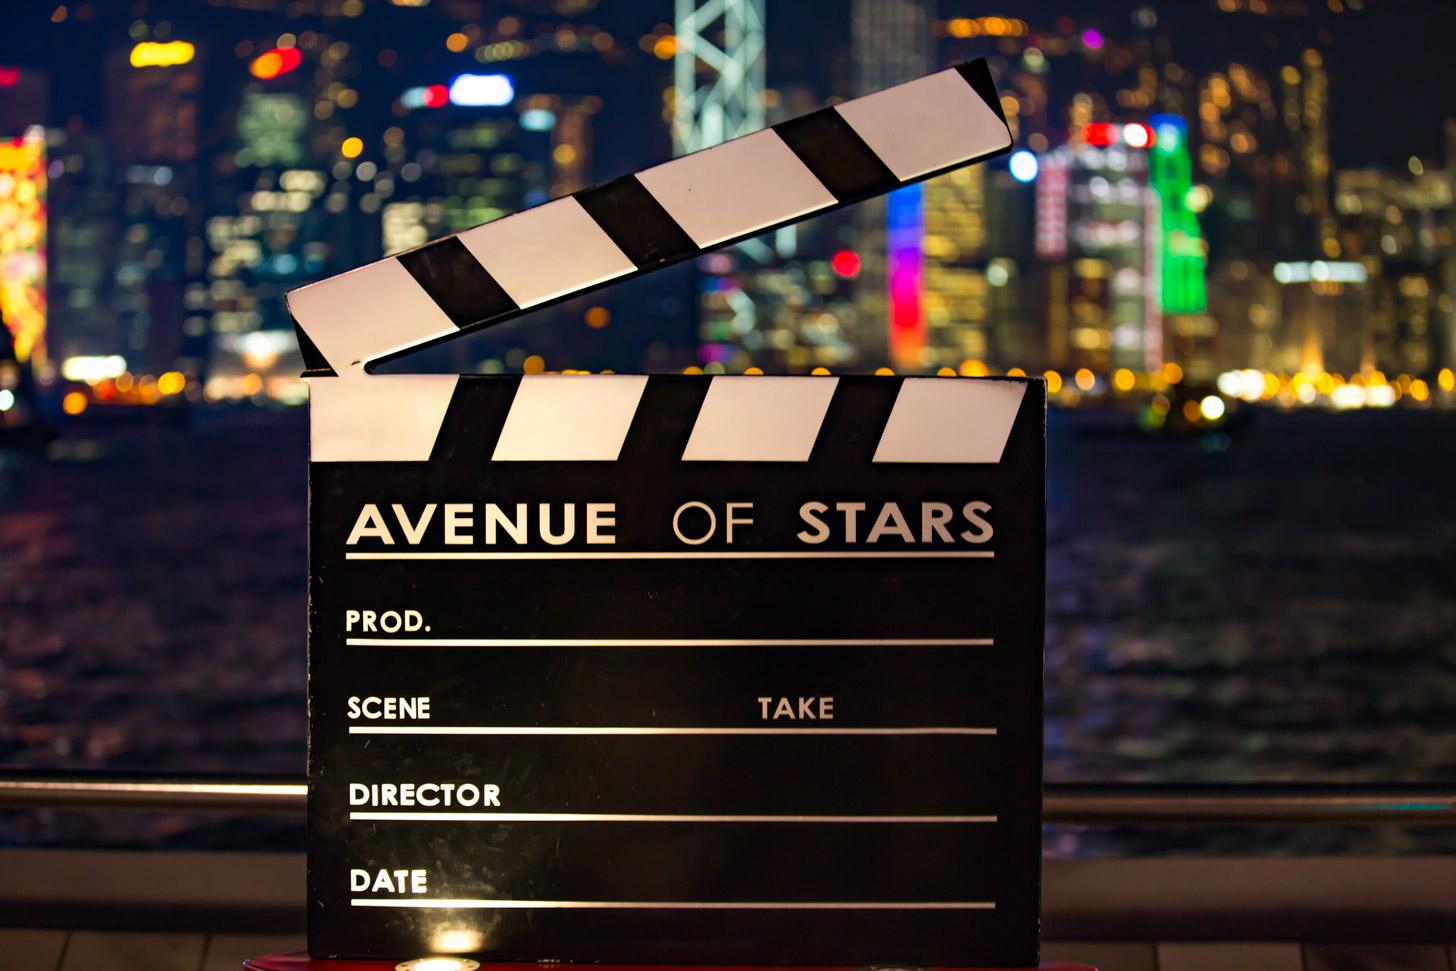 De Avenue of Stars